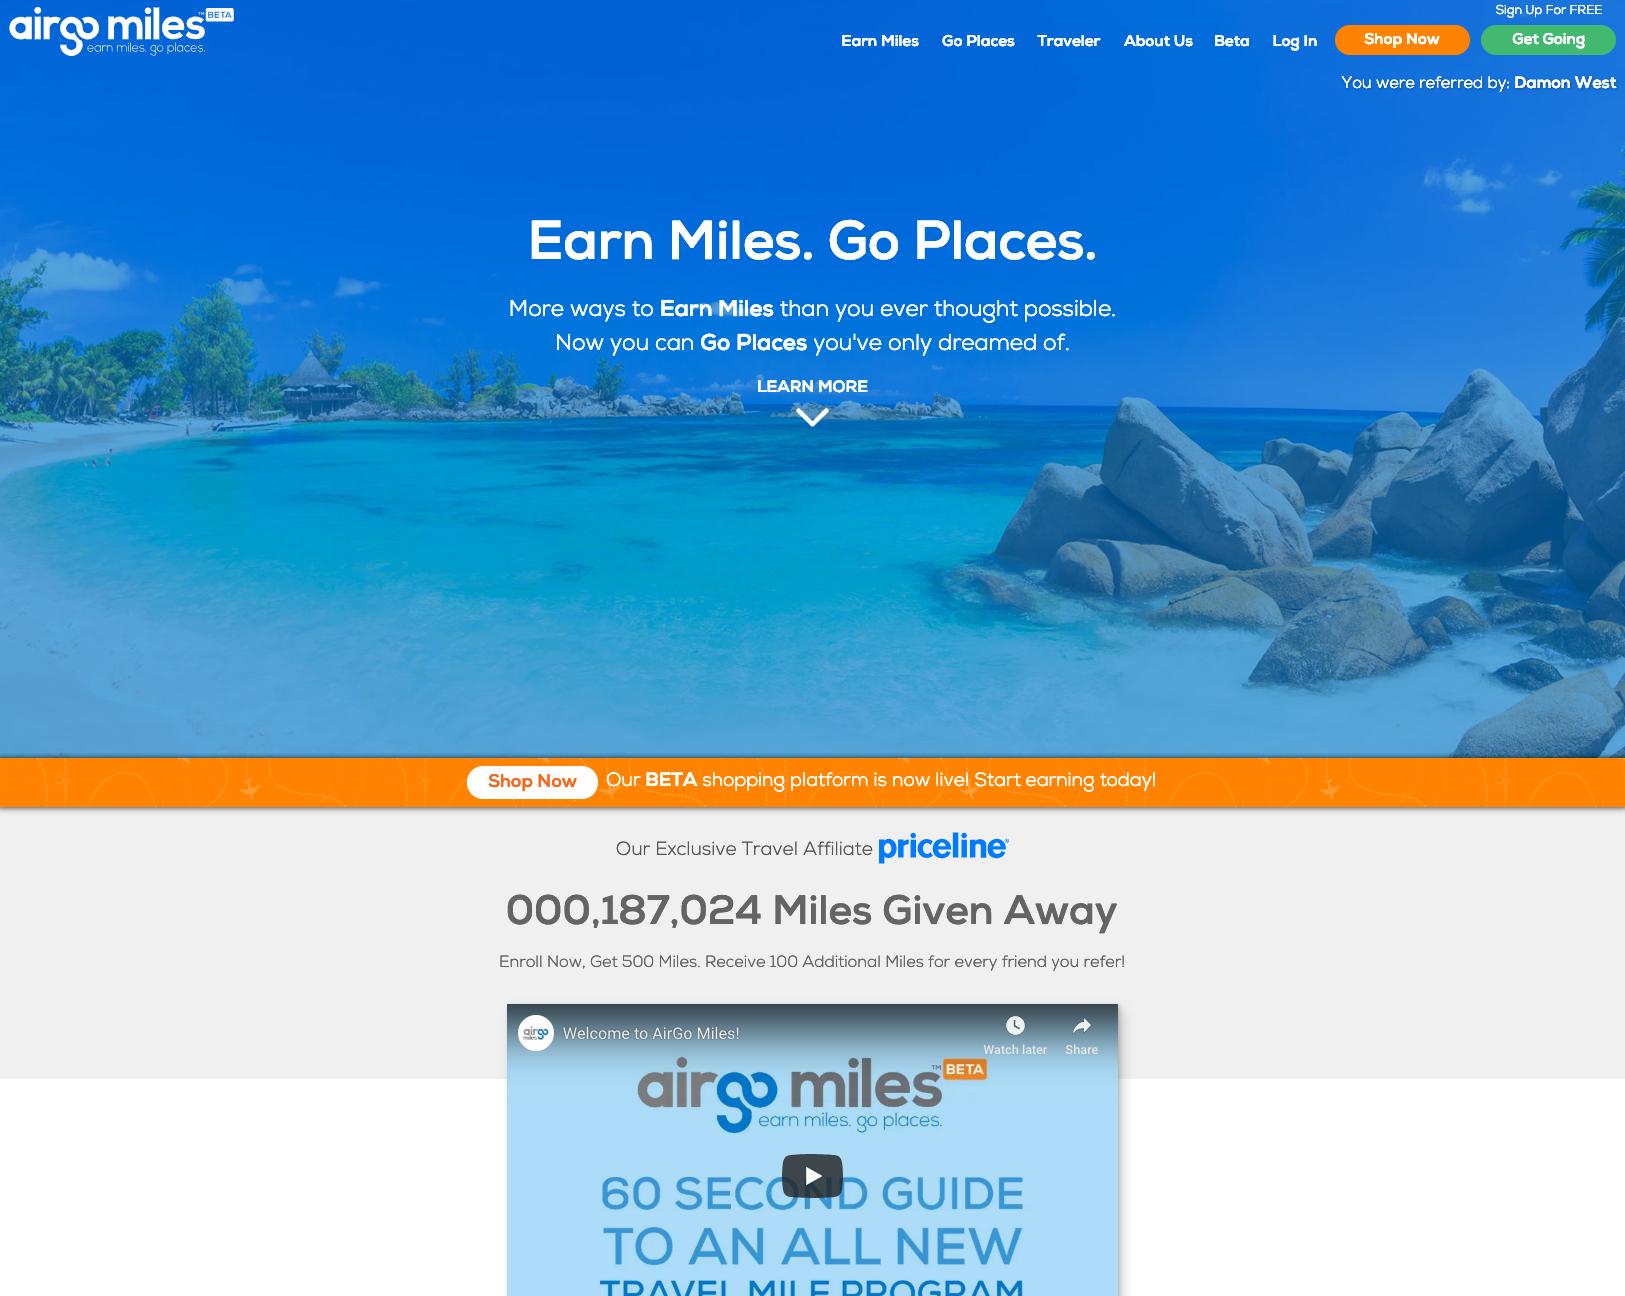 AirGo Miles